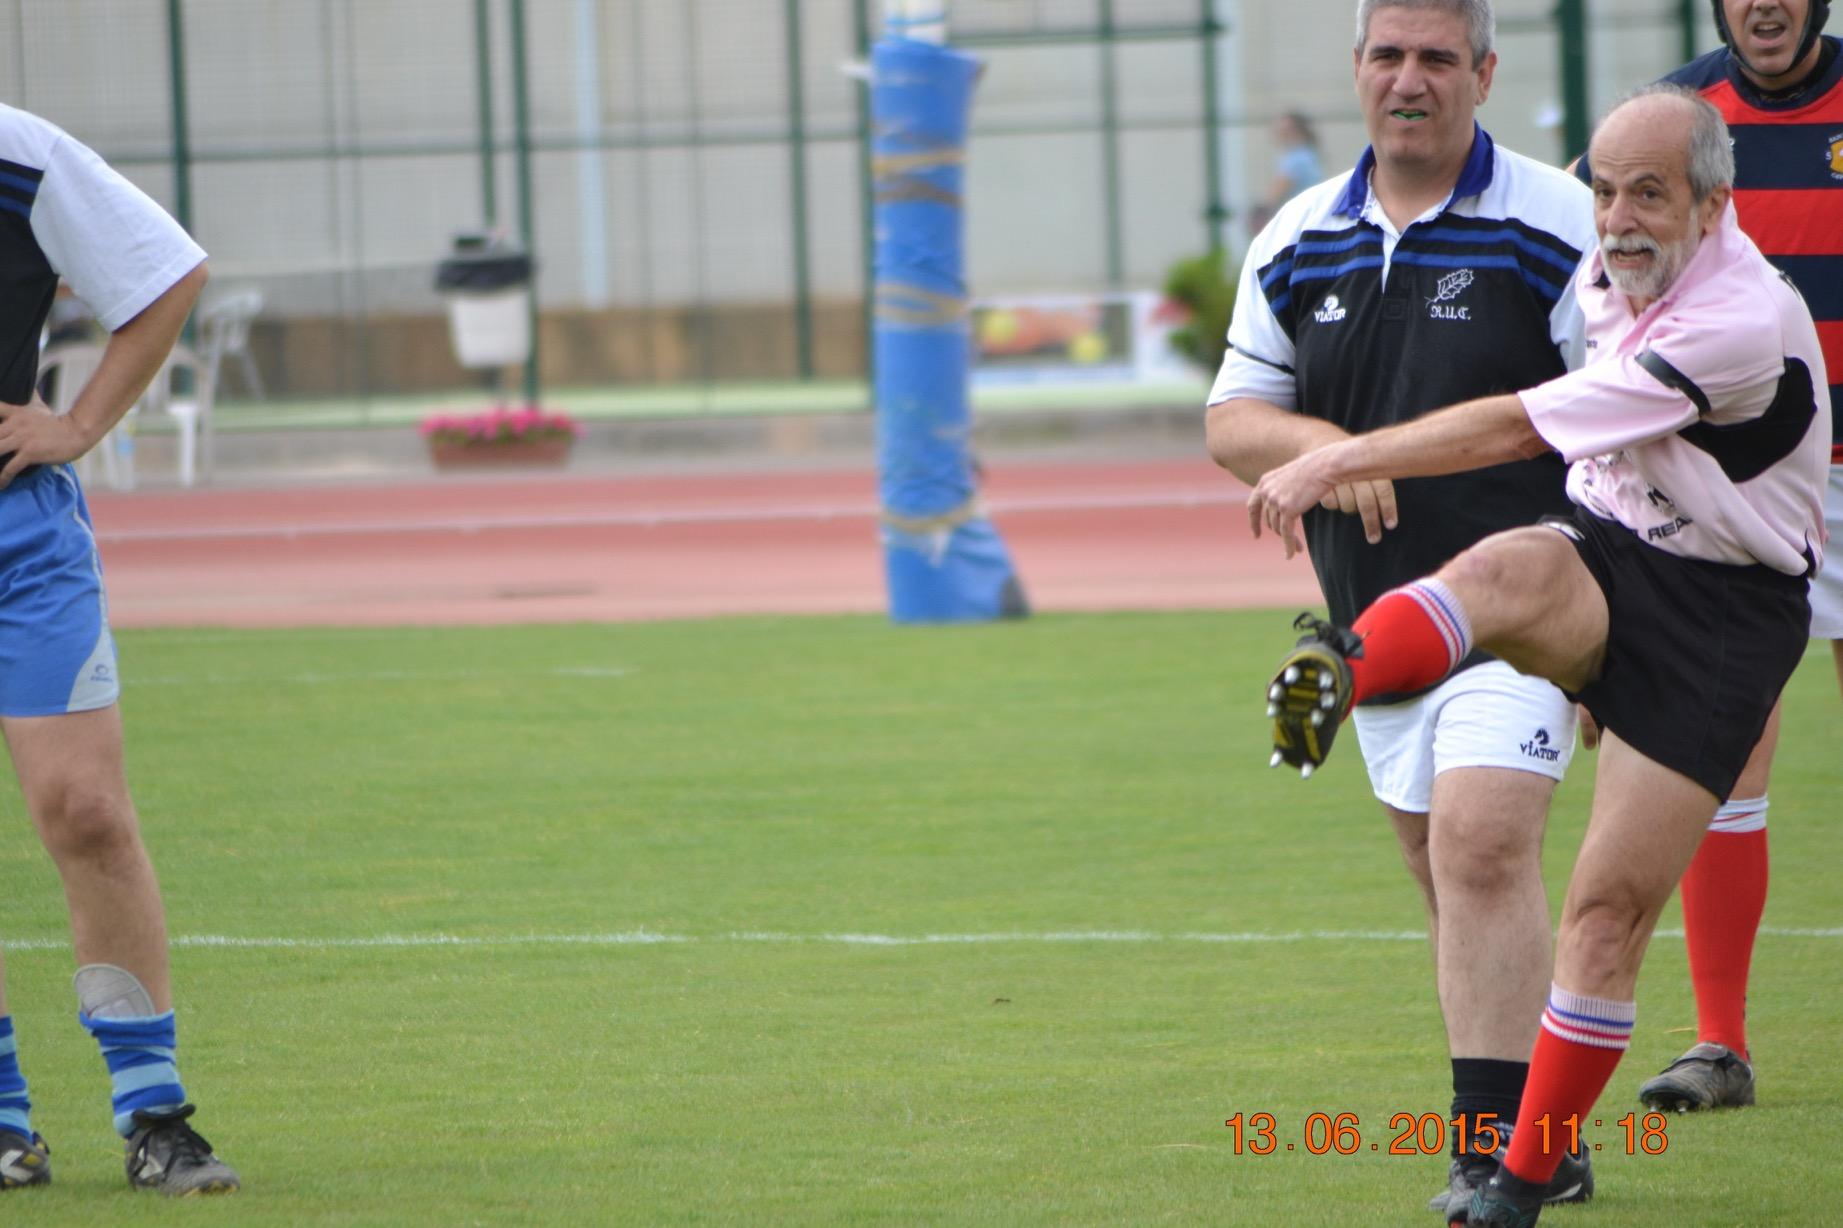 El Club Arlequines Miguelturra Rugby Club celebró el pasado fin de semana el día del club